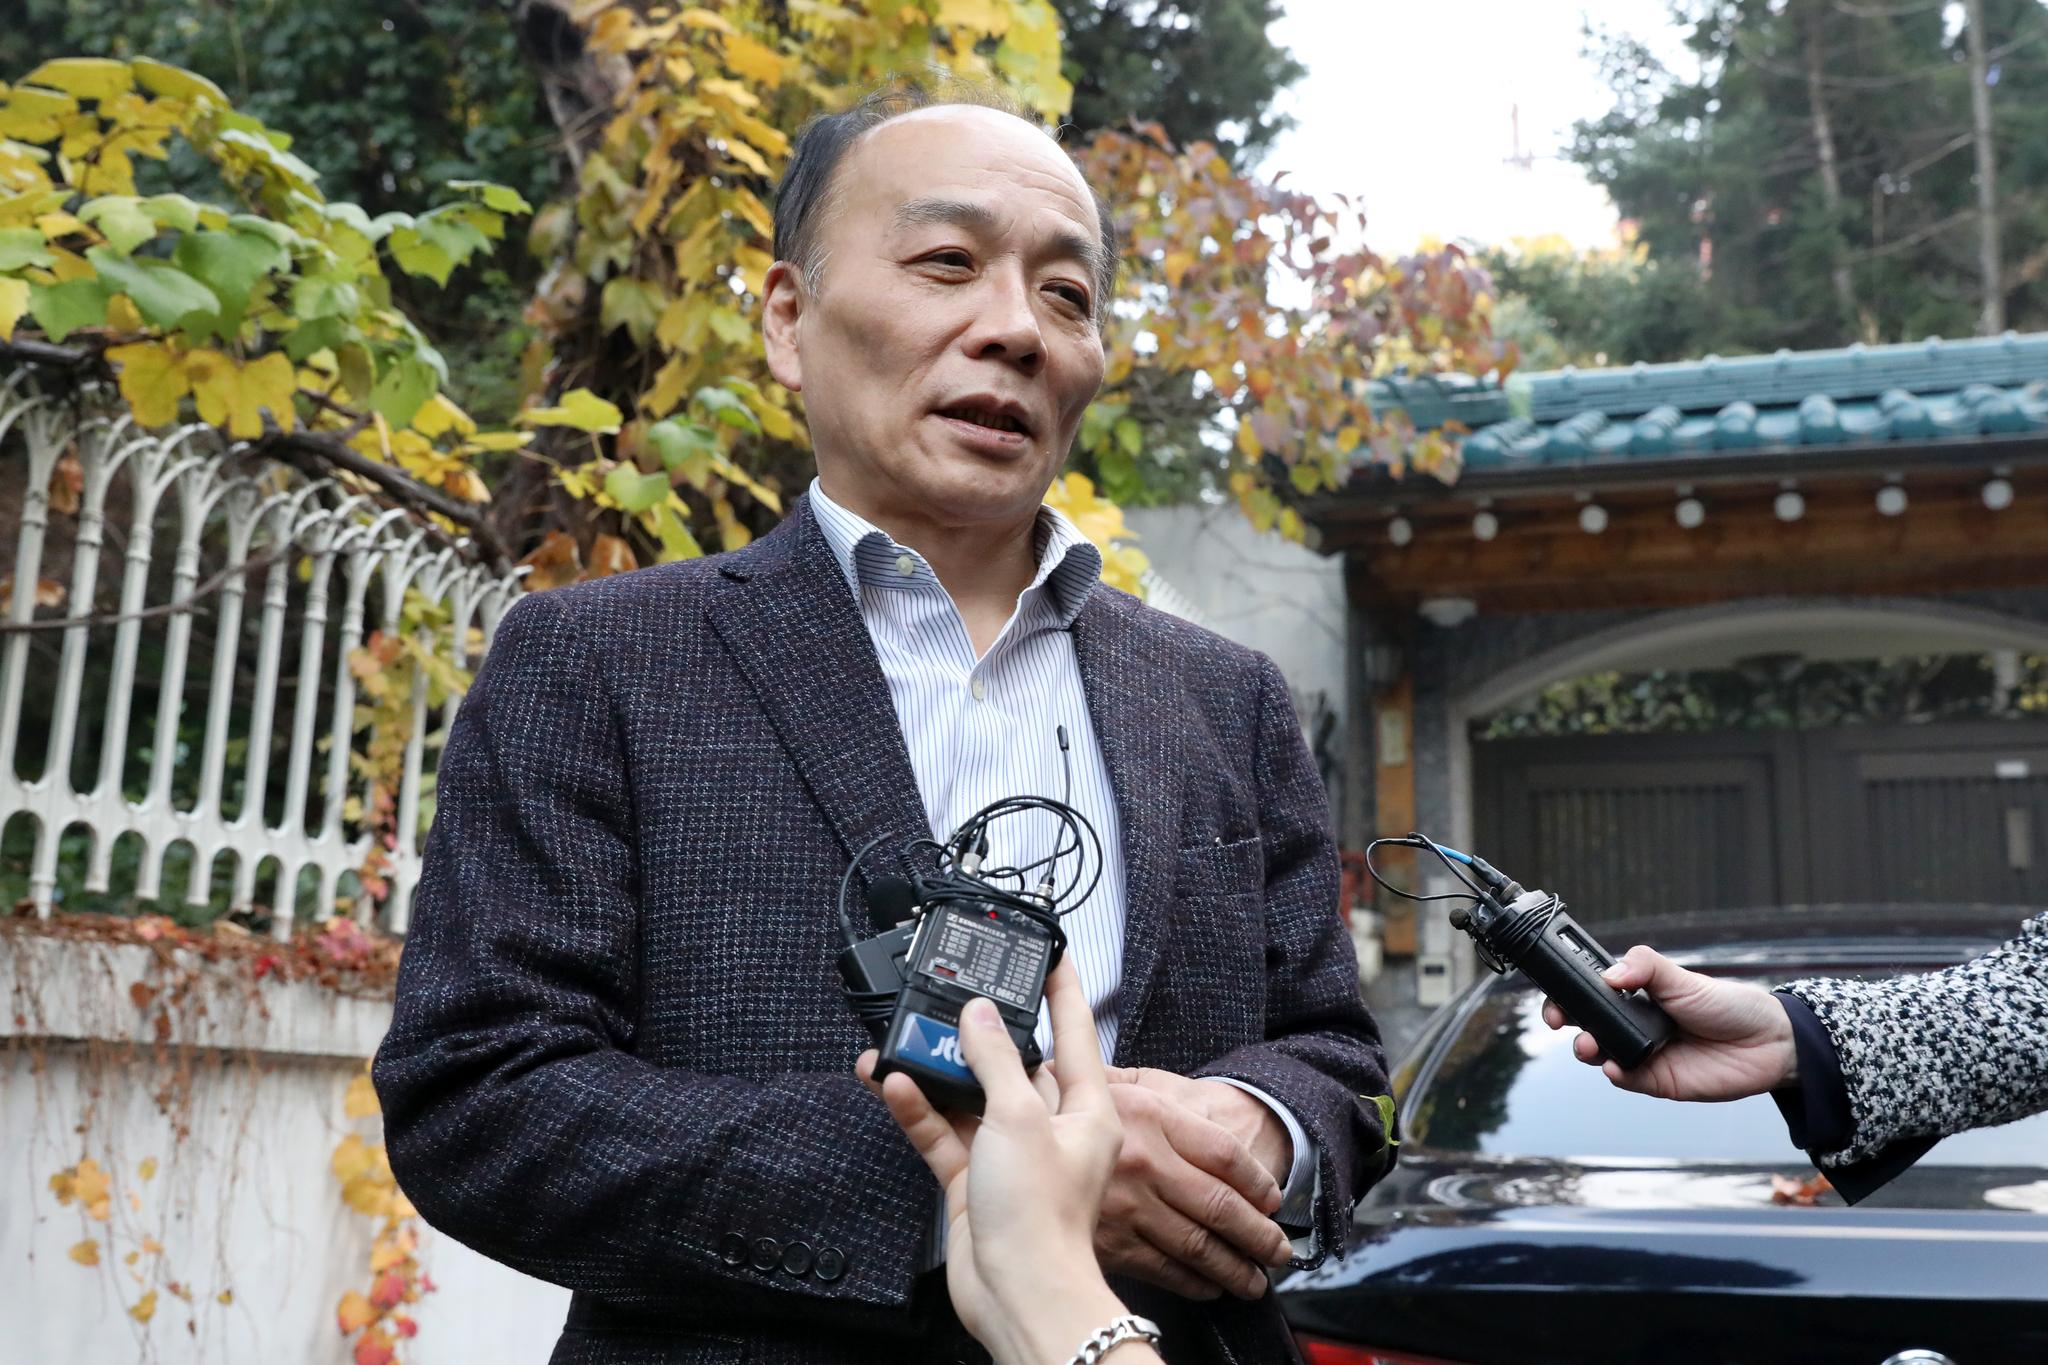 전원책 변호사가 9일 서울 동교동 자택 앞에서 입장을 말하고 있다. [뉴스1]